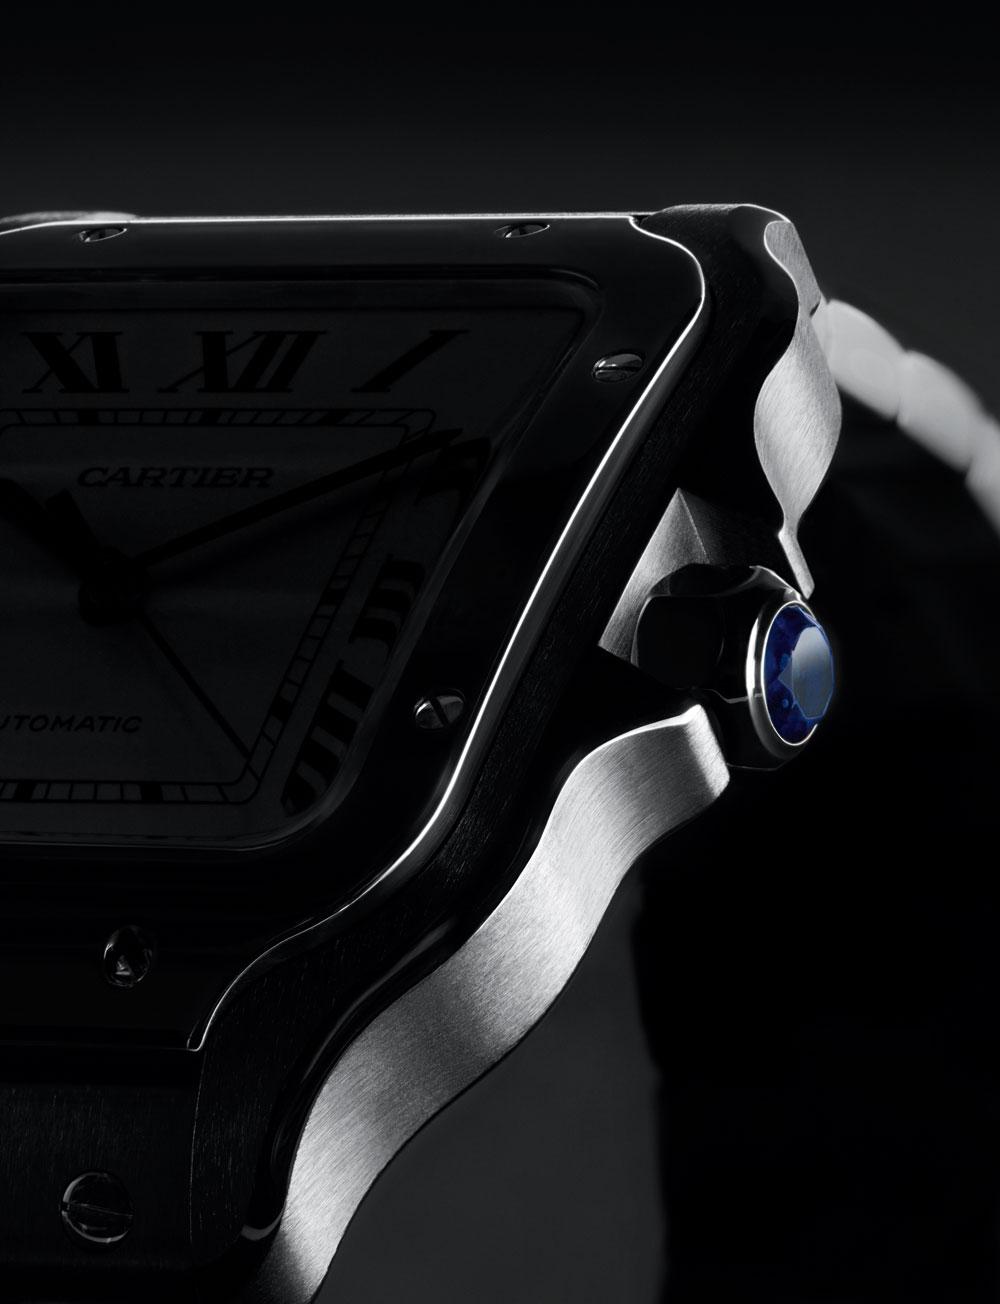 Nuevo reloj Santos de Cartier acero